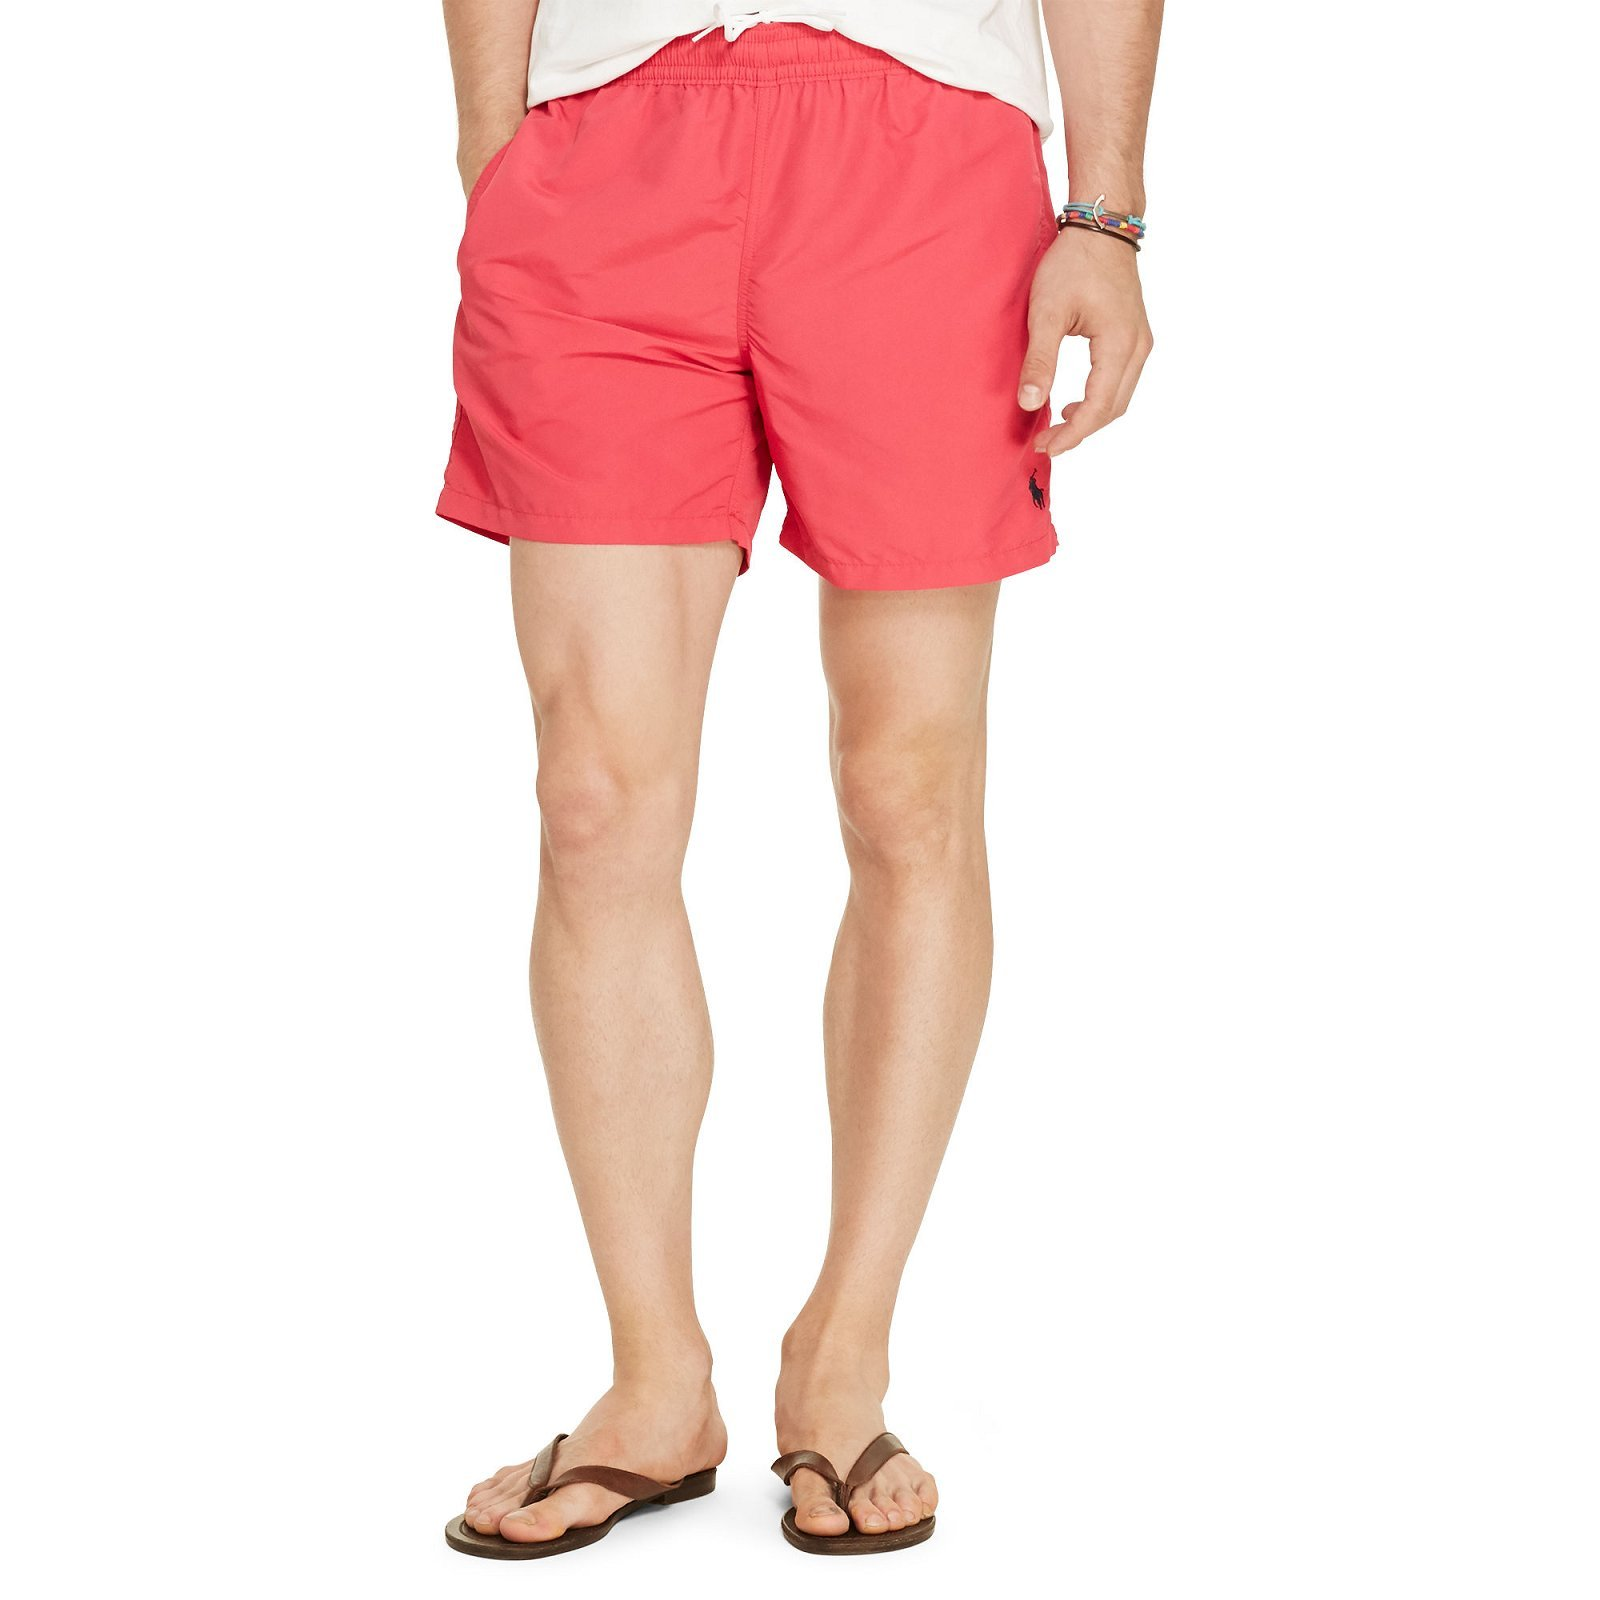 RALPH LAUREN - Maillot de bain - maillot de bain corail Décoration ... 02deb8d38c9a